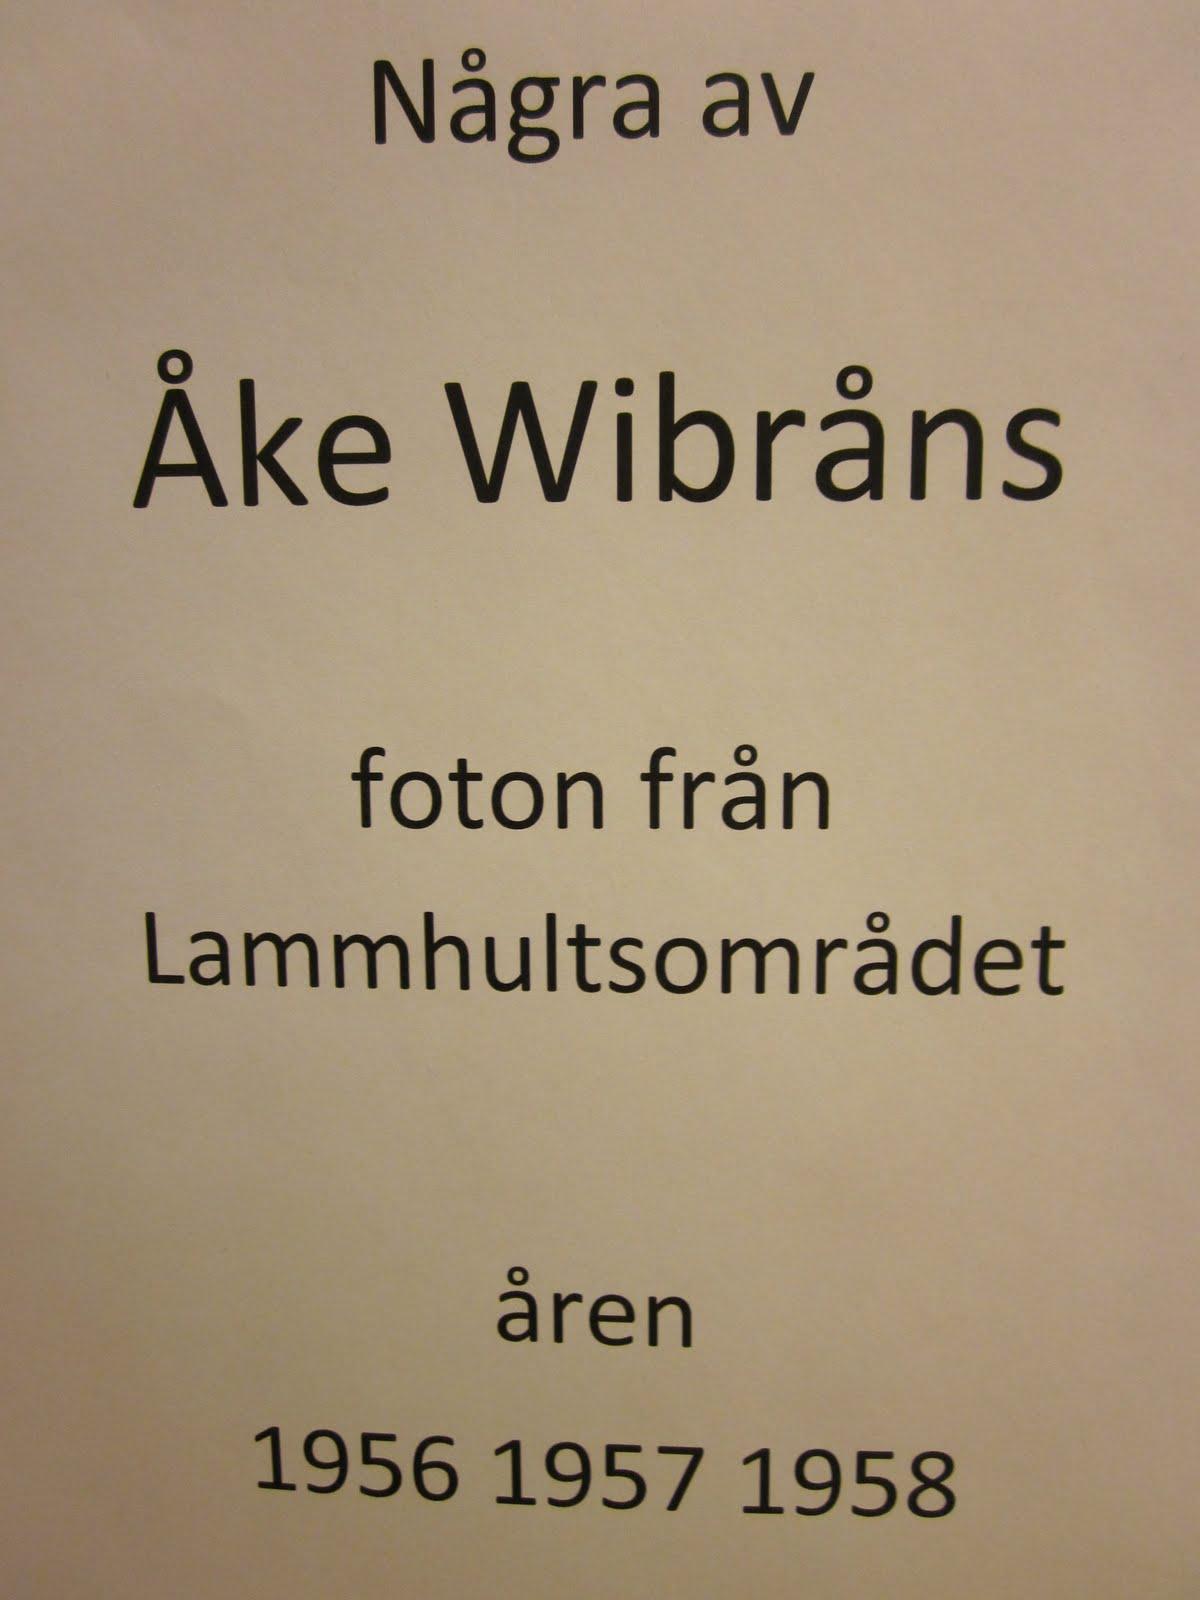 Art by Ninnieåke Wibråns bilder från förr